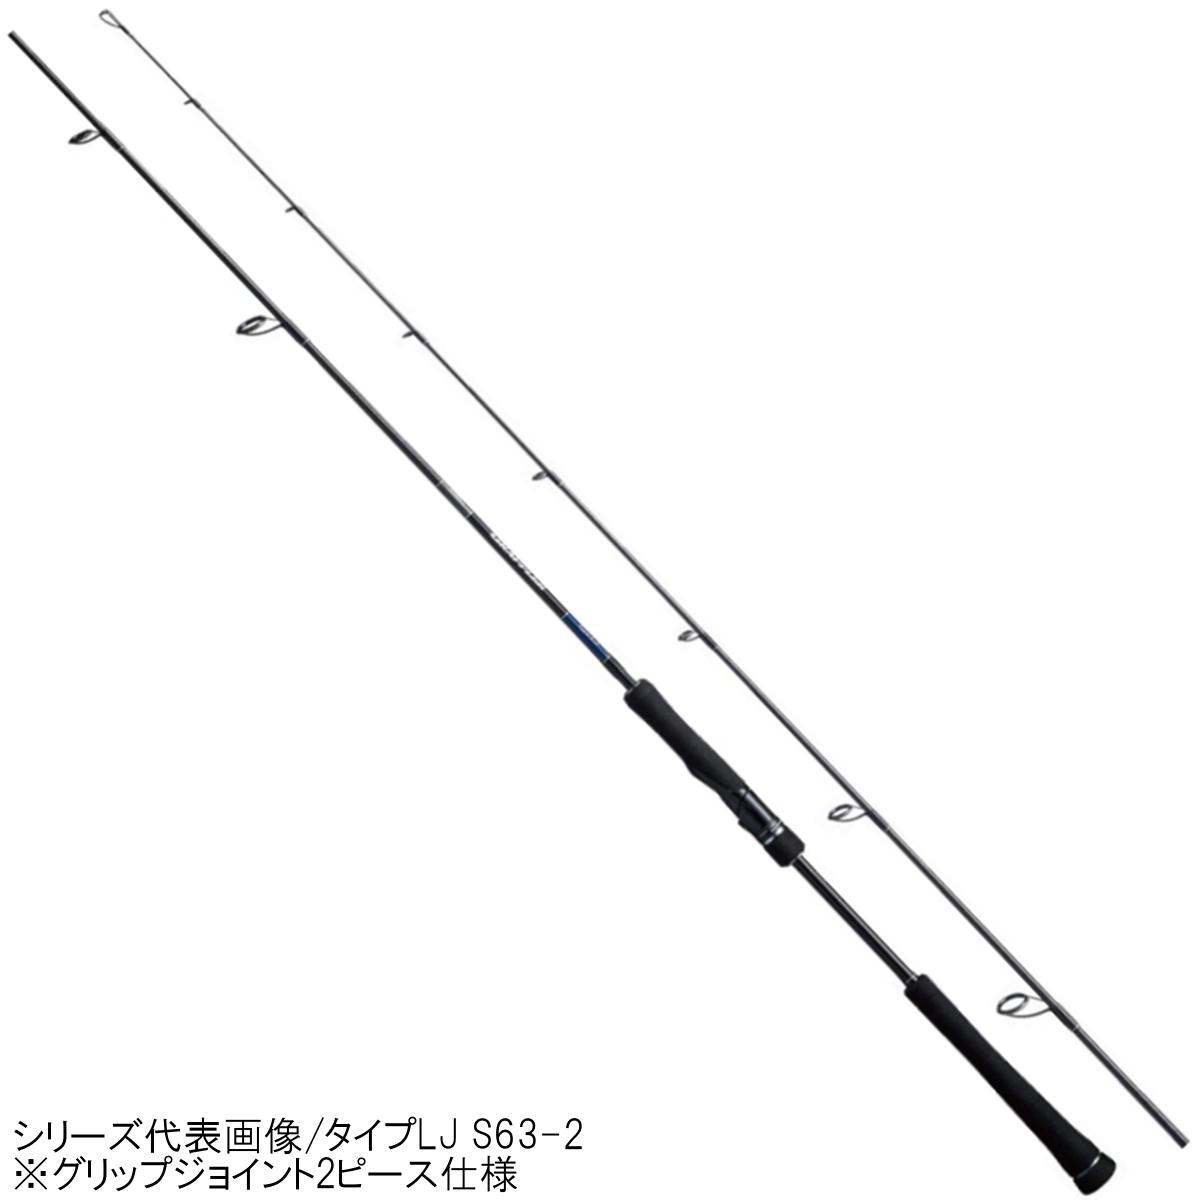 シマノ グラップラー タイプLJ S66-0【大型商品】